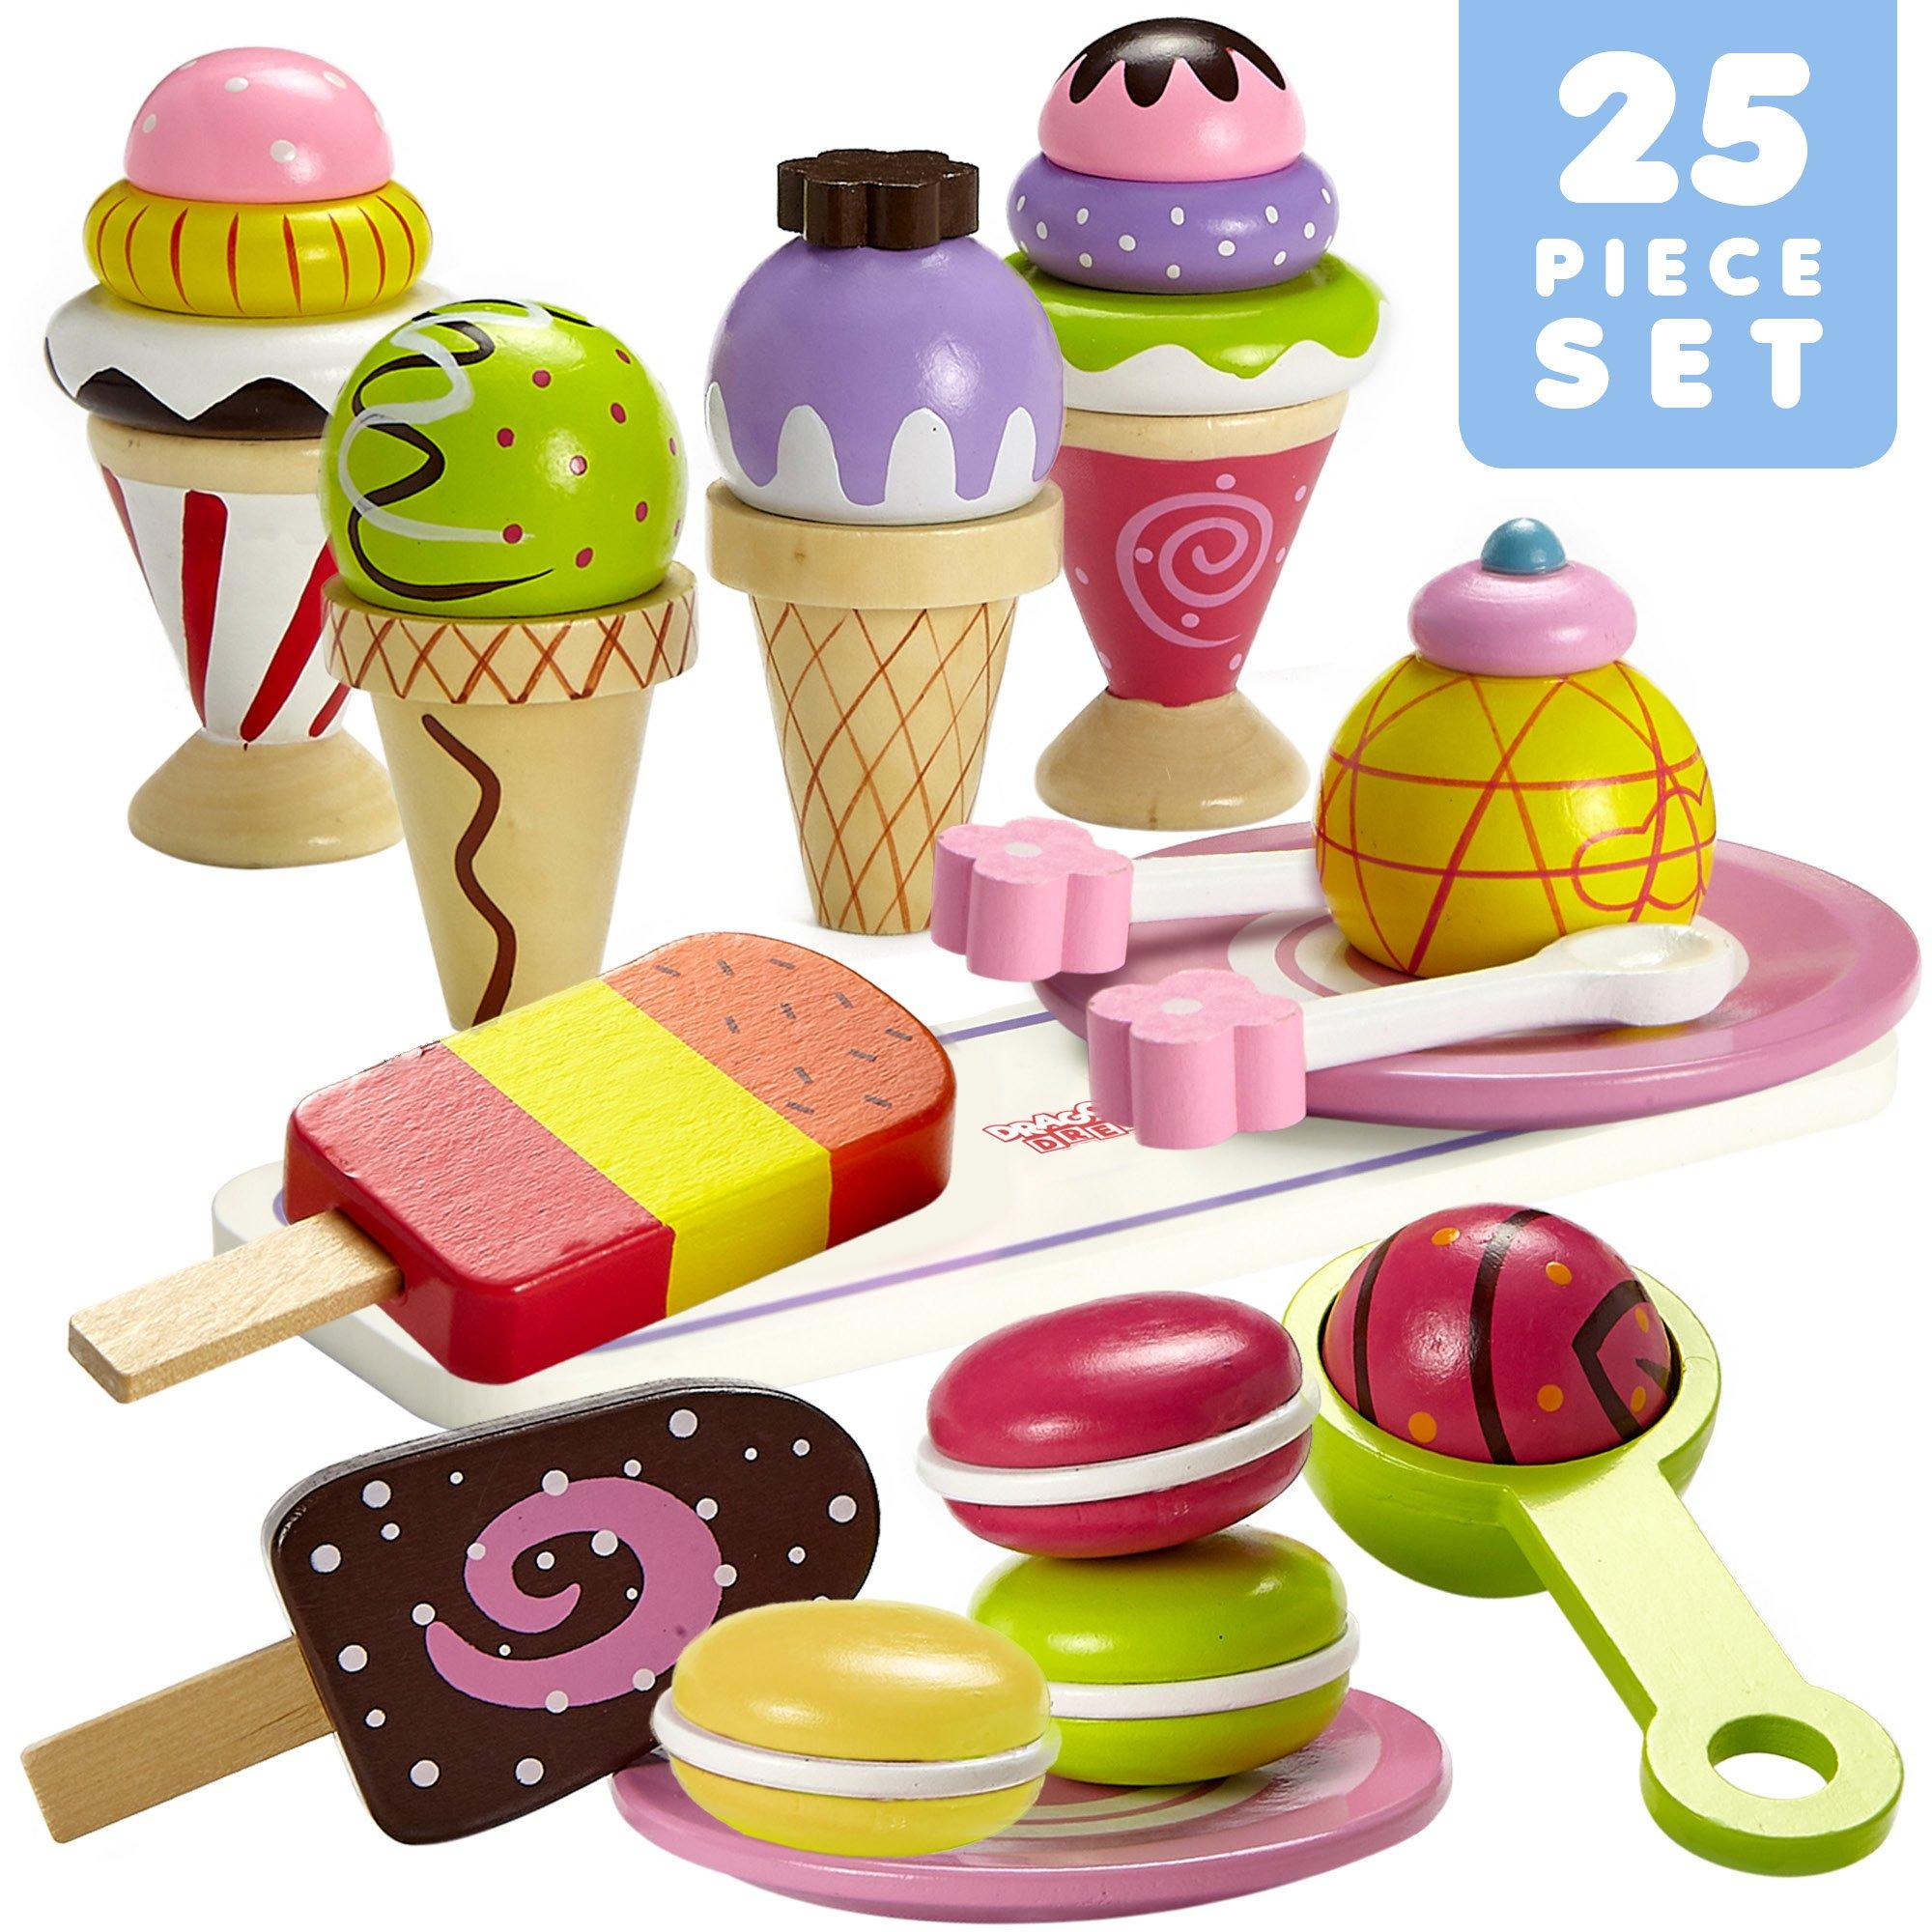 Dragon Drew Ice Cream Toy - Pretend Ice Cream Set - Ice Cream Set for Kids (25 PC Set)